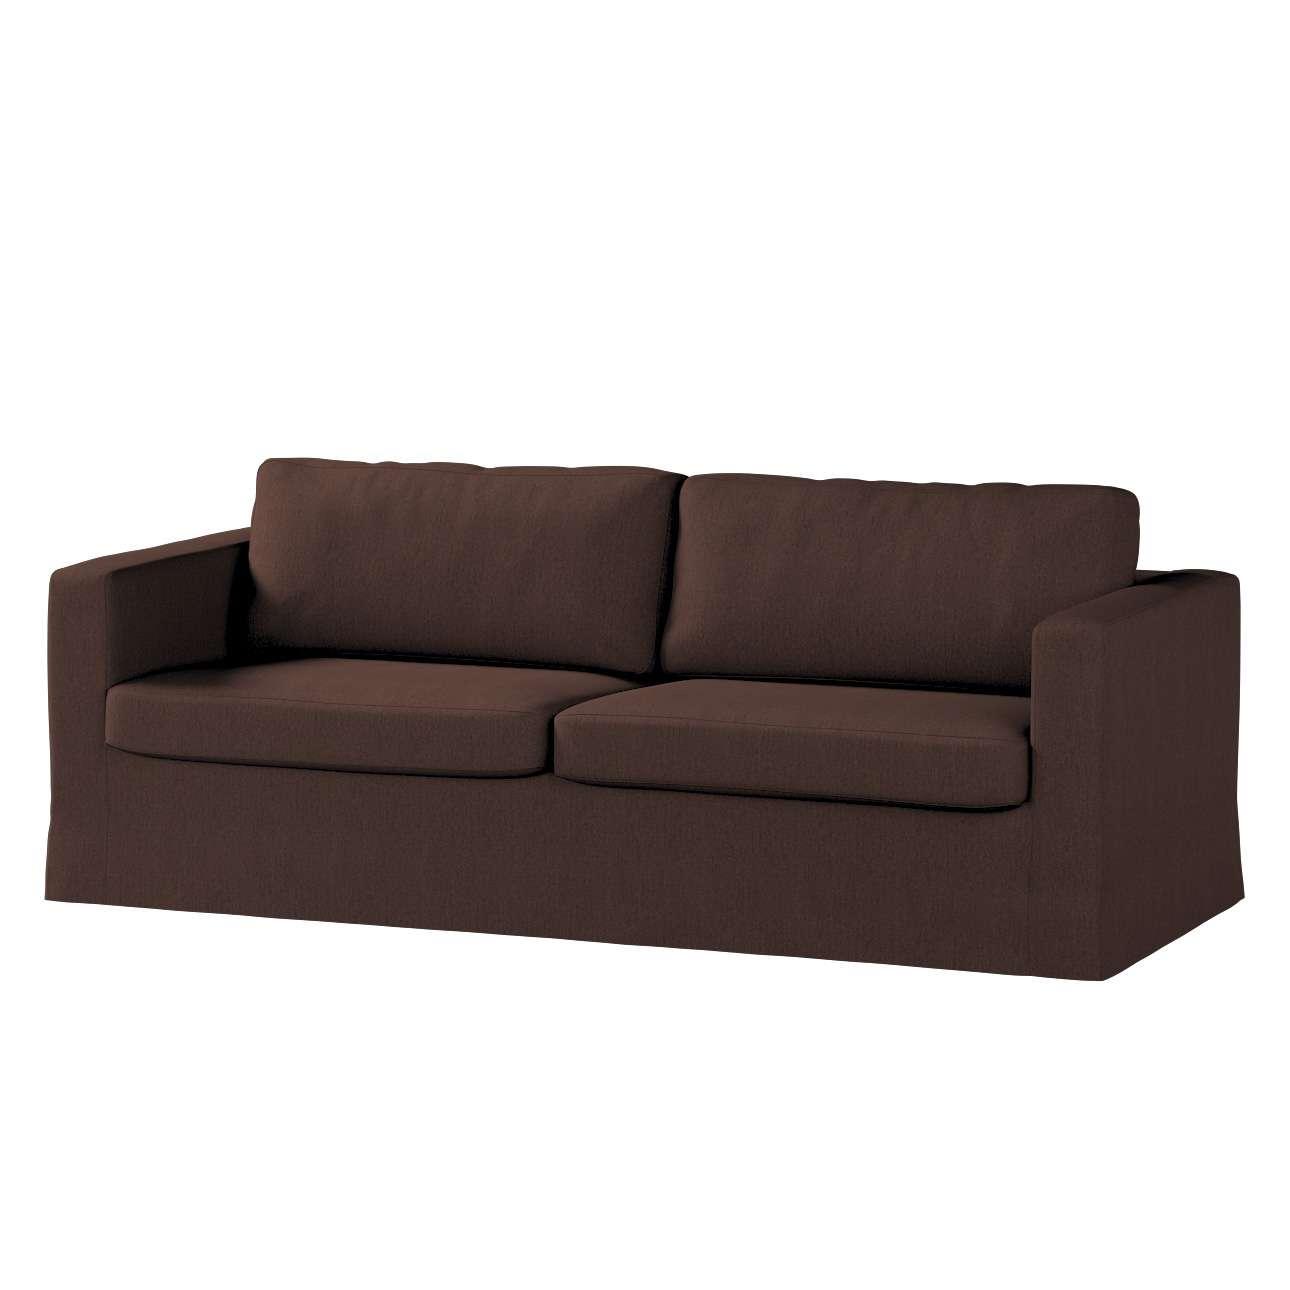 Karlstad trivietės sofos užvalkalas (ilgas, iki žemės) Karlstad trivietės sofos užvalkalas (ilgas, iki žemės) kolekcijoje Chenille, audinys: 702-18